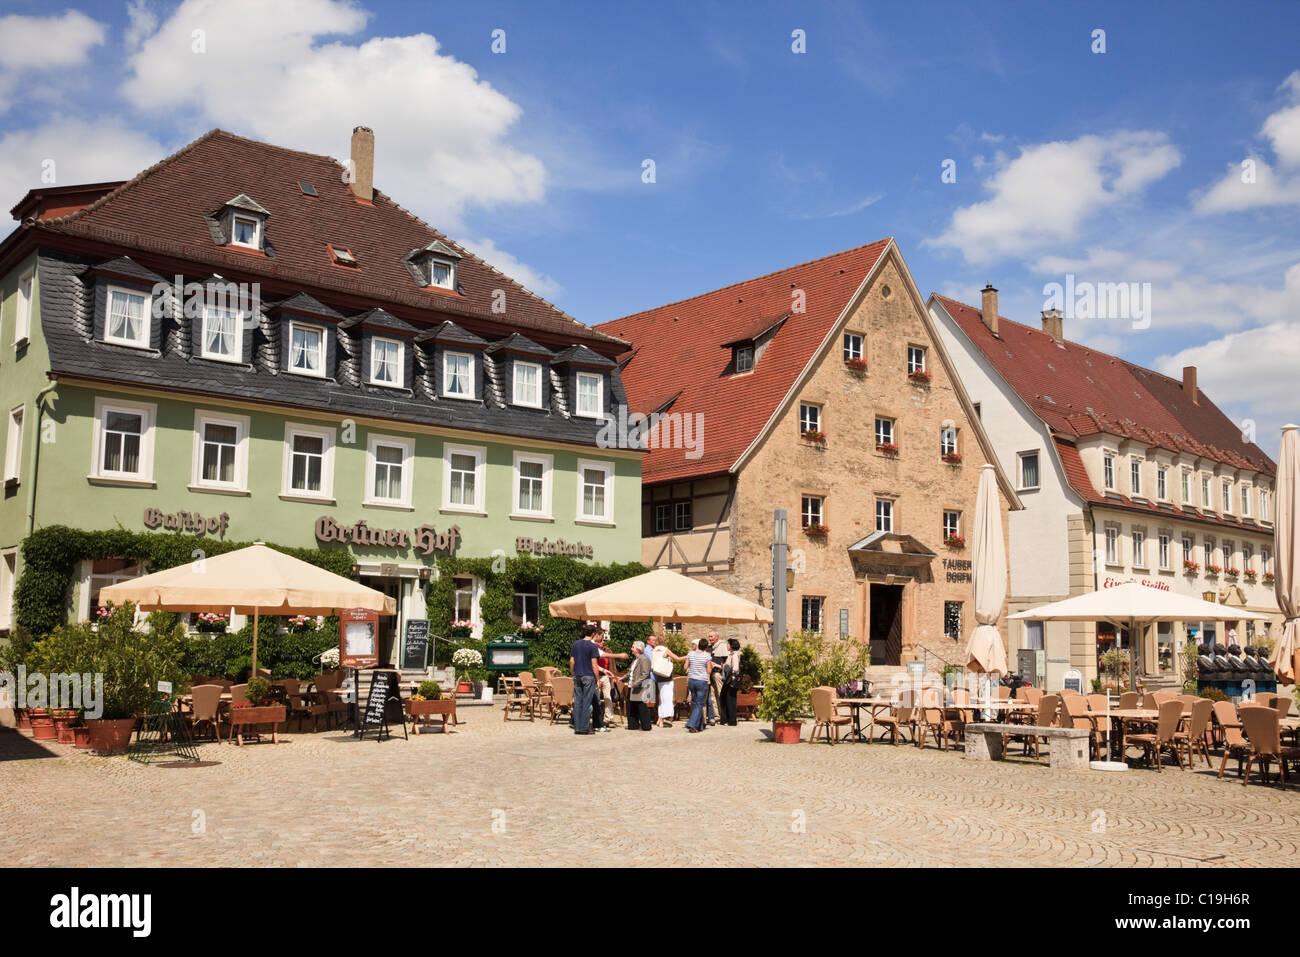 Romantische Orte Baden Württemberg